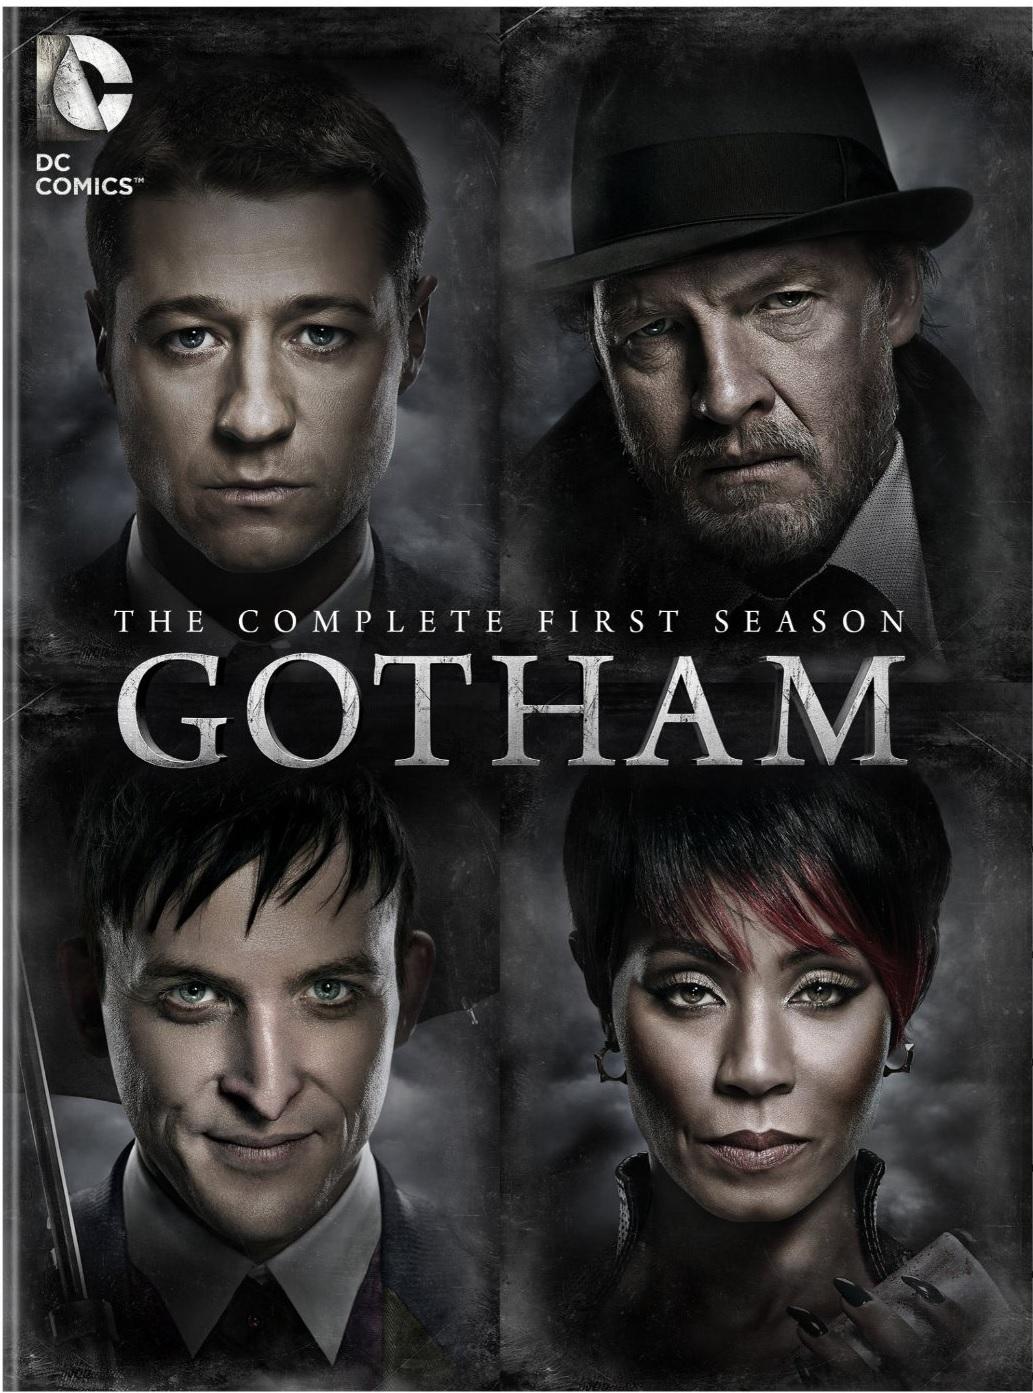 Gotham Season 1 DVD Review